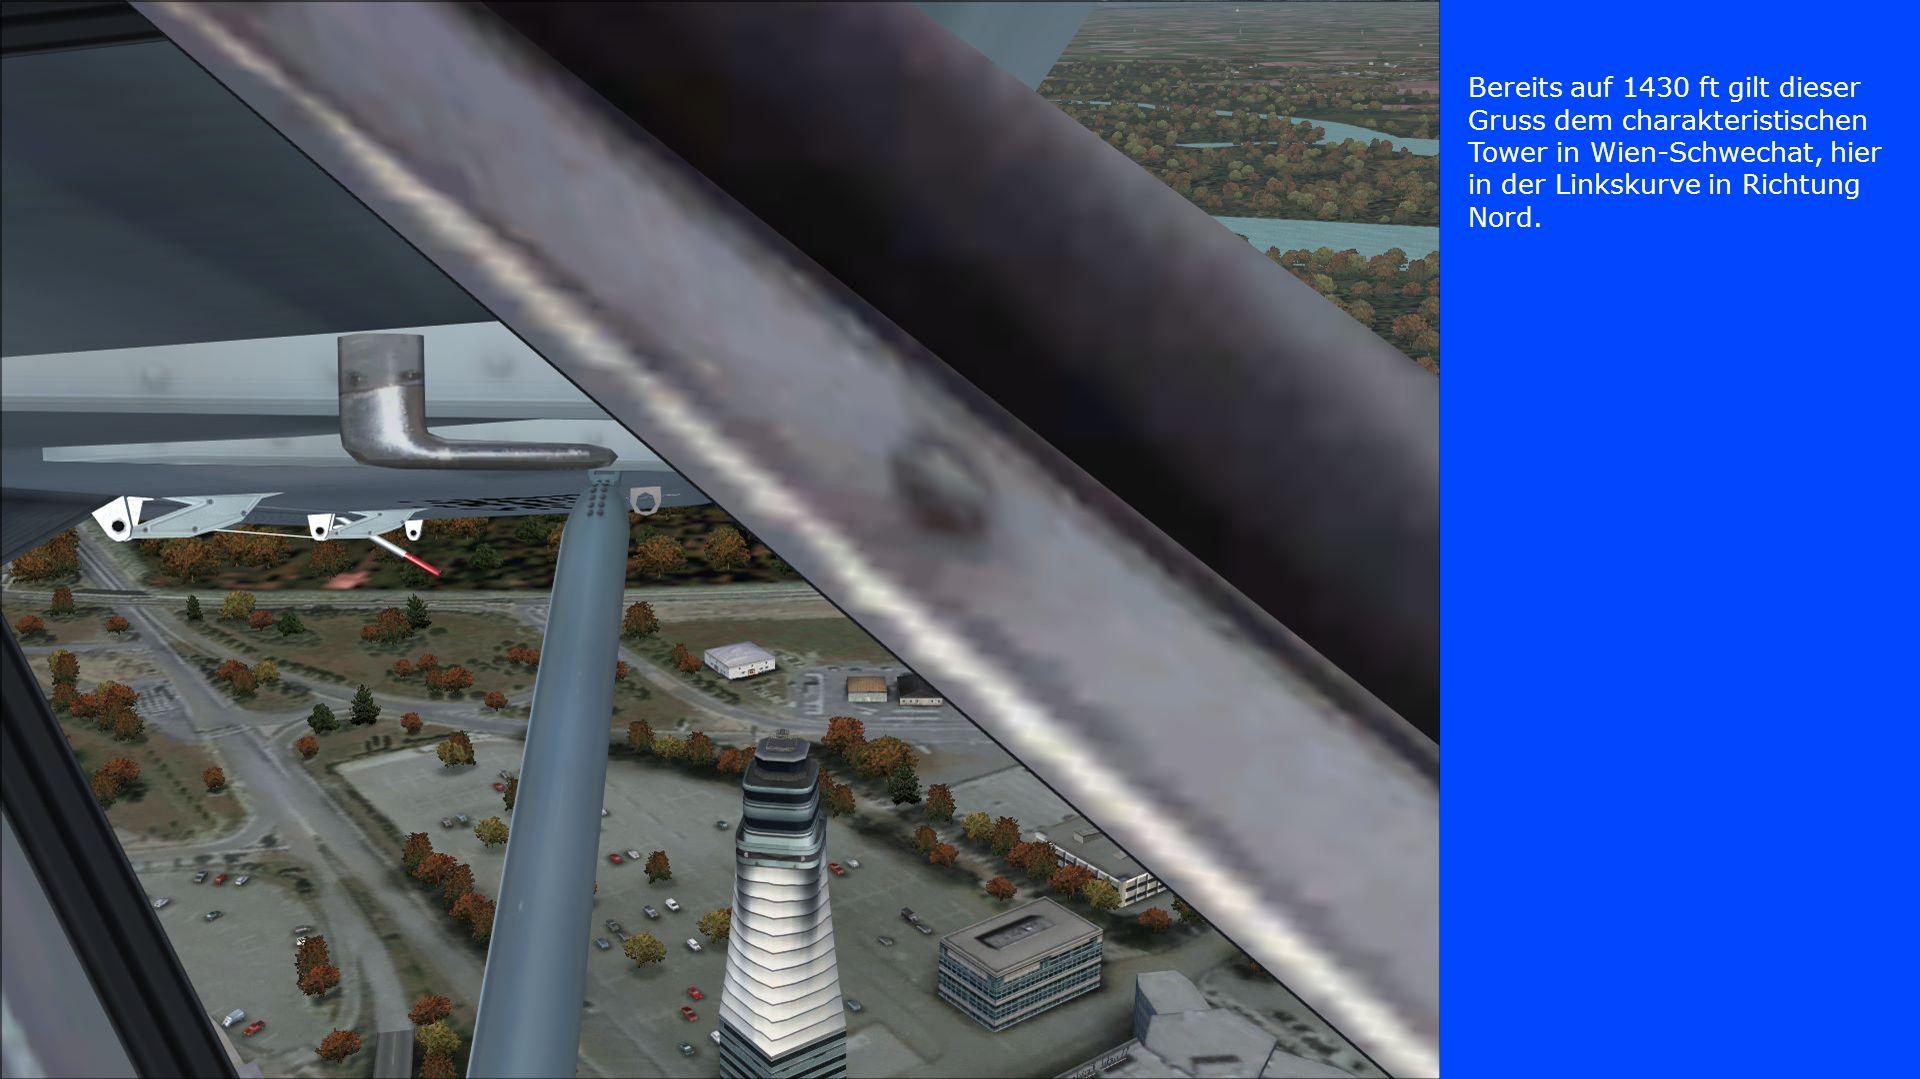 Bereits auf 1430 ft gilt dieser Gruss dem charakteristischen Tower in Wien-Schwechat, hier in der Linkskurve in Richtung Nord.